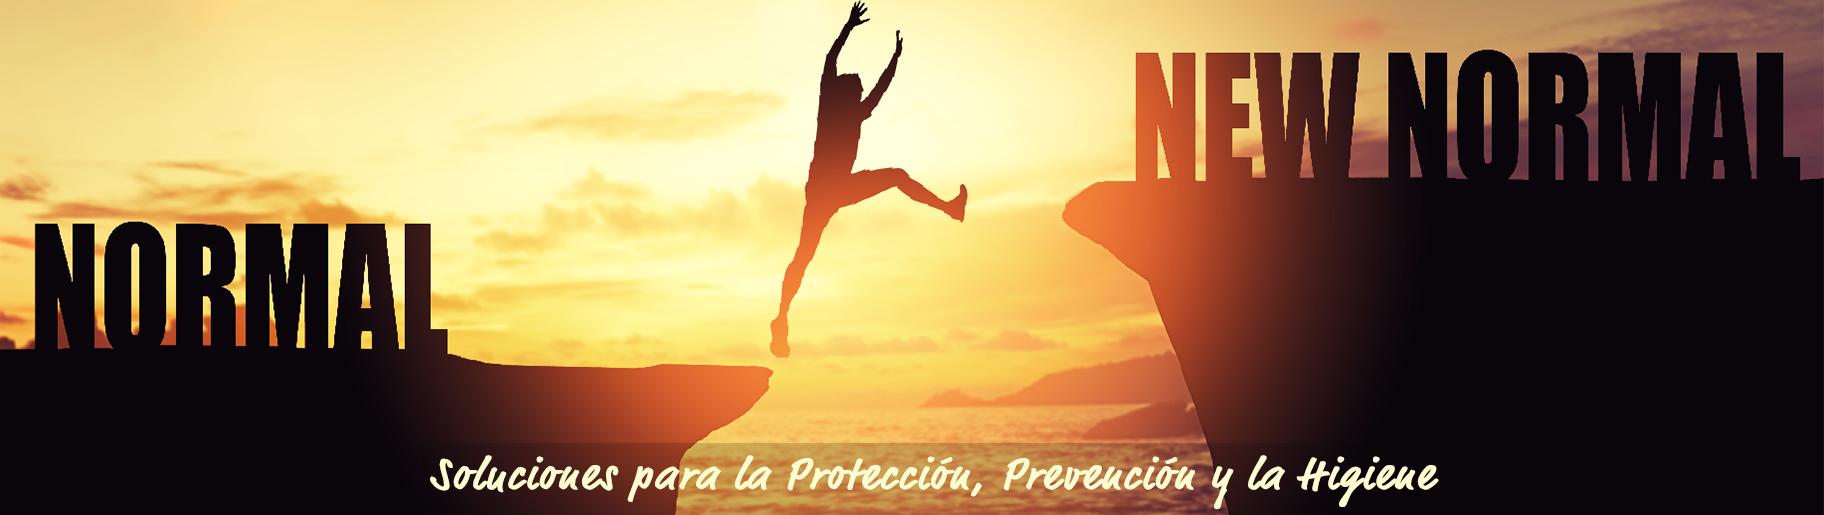 Soluciones para la Prevención y la Protección